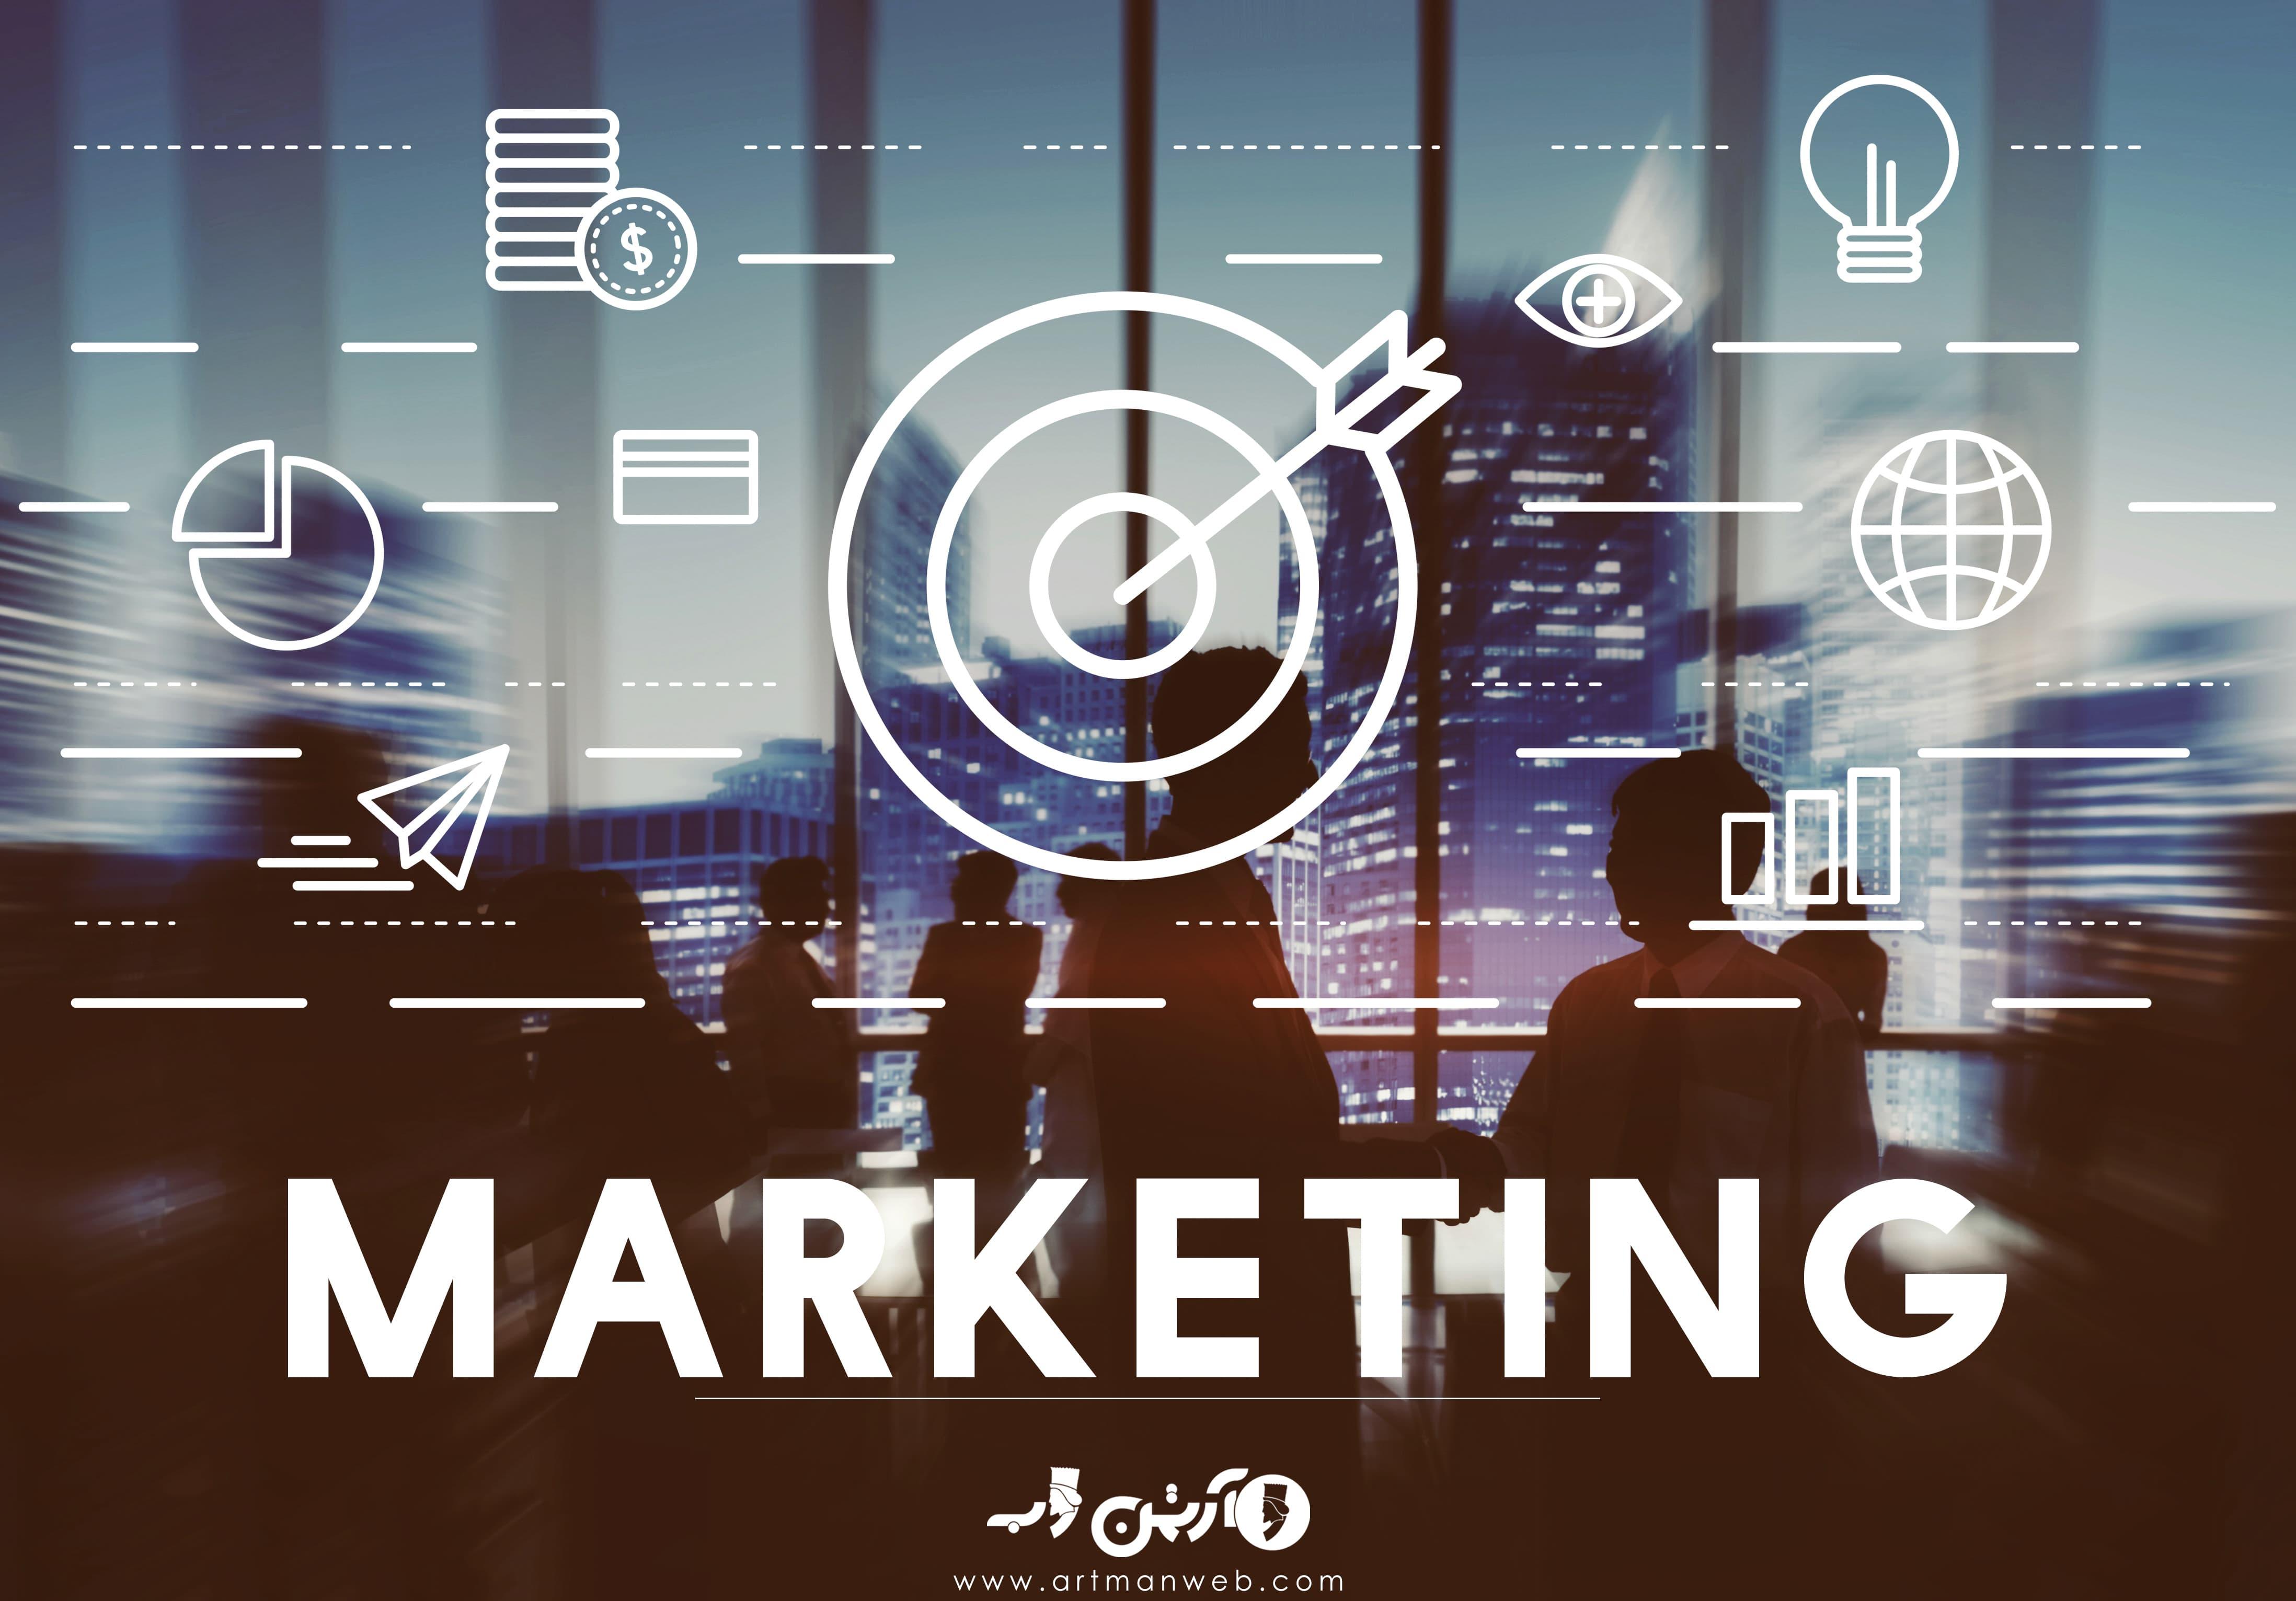 مزایا و عیوب بازاریابی دیجیتال